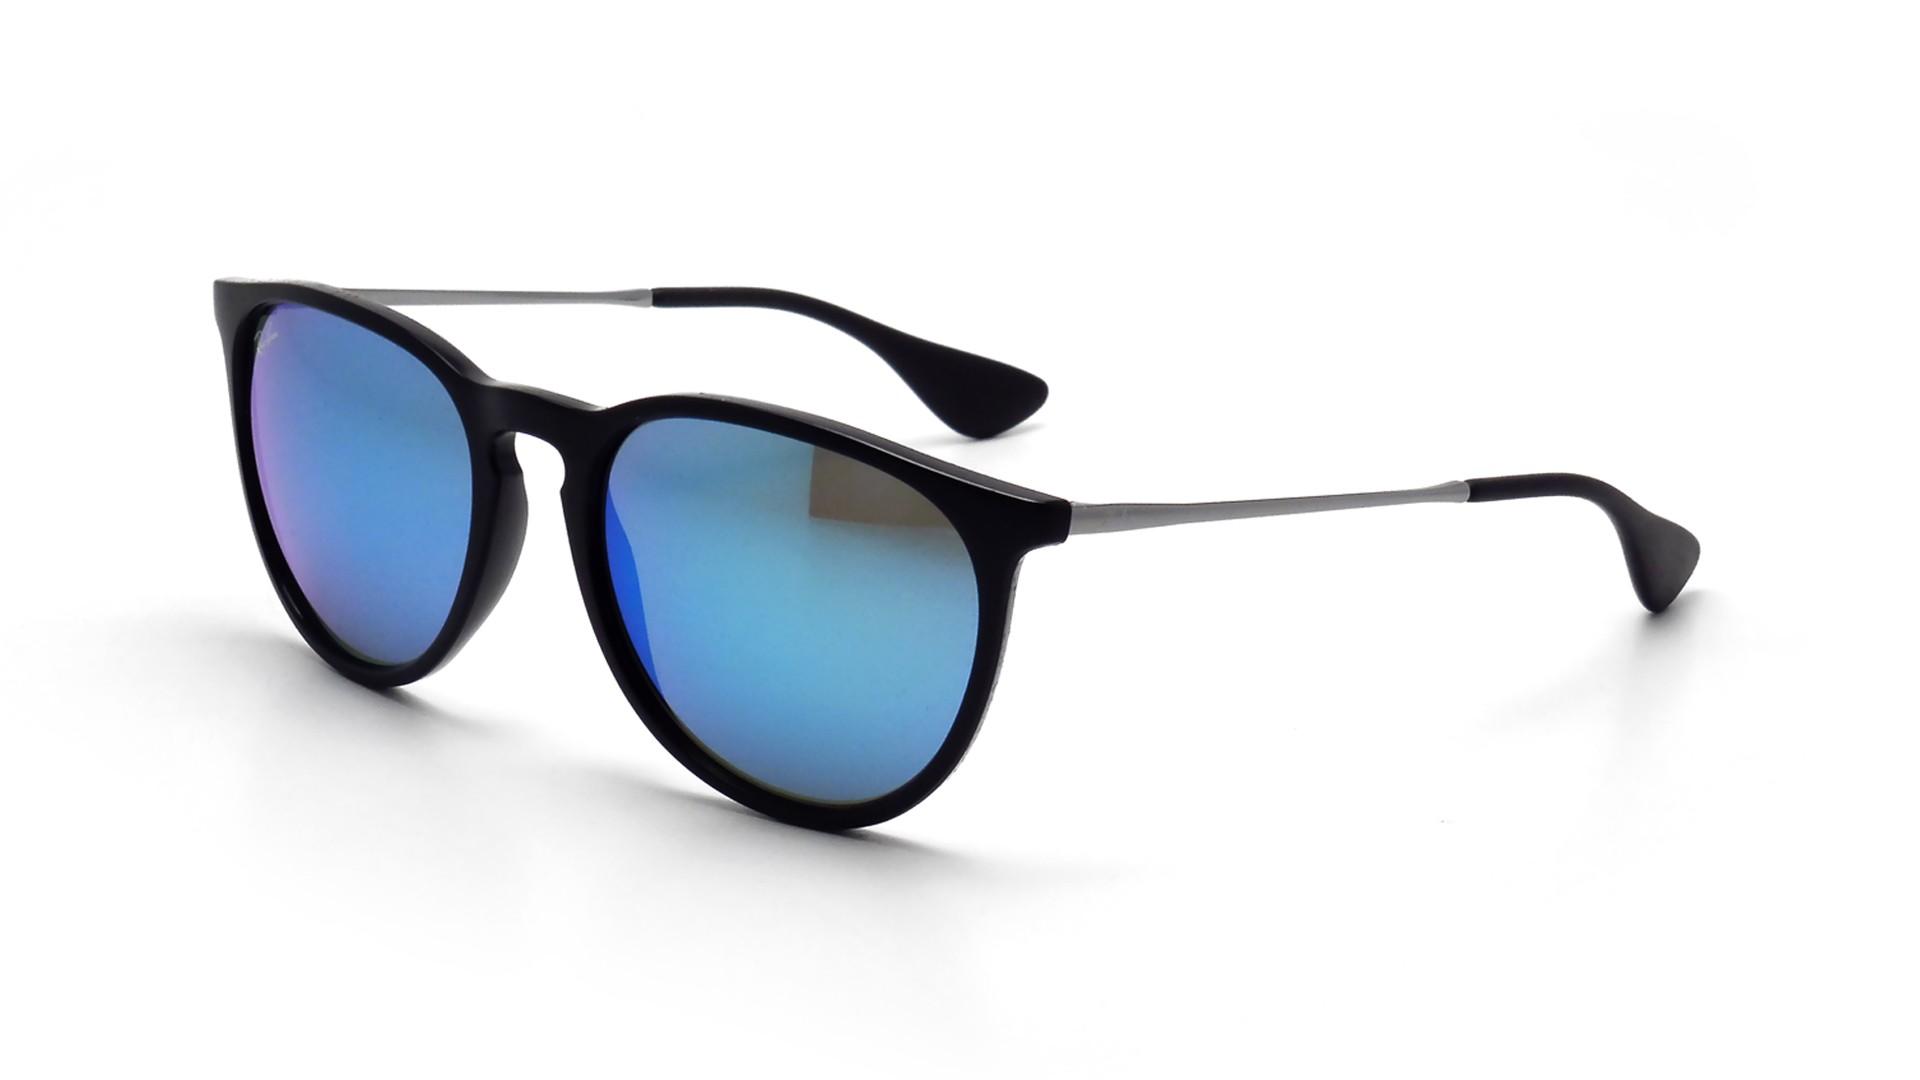 00c6557a5928d0 Lunettes de soleil Ray-Ban Erika Noir RB4171 601 55 54-18 Medium Verres  Miroirs Bleus